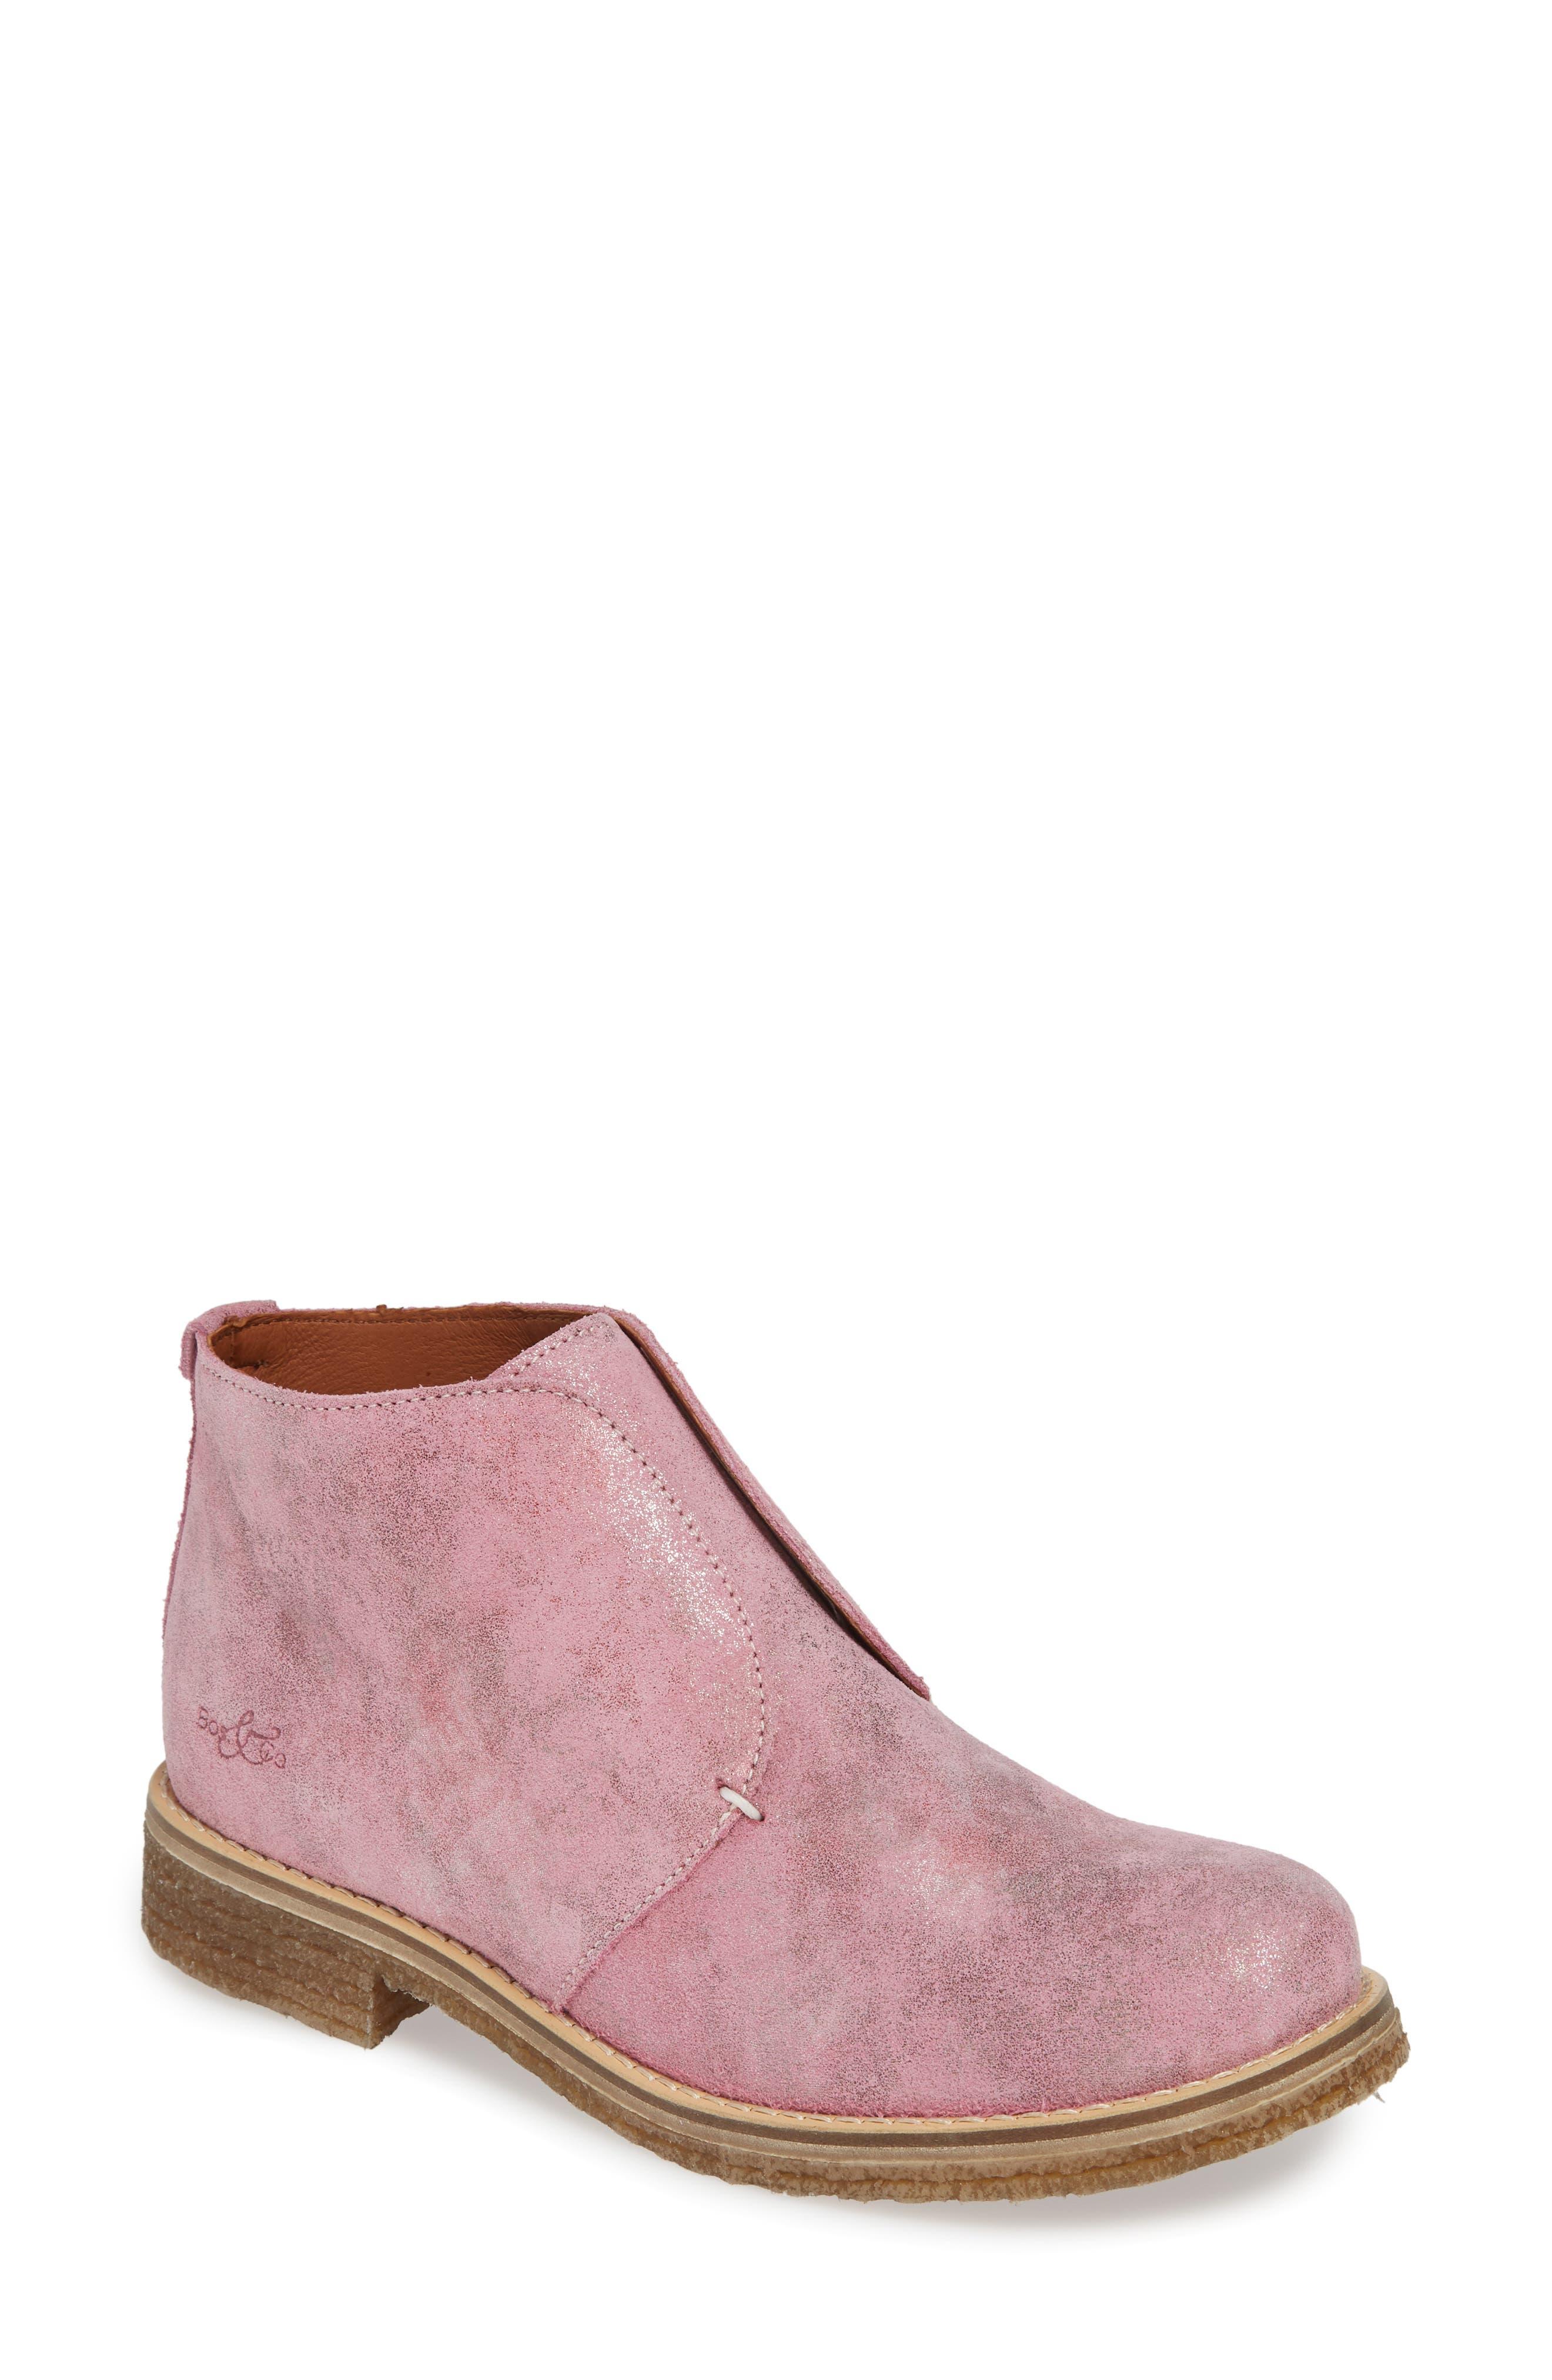 Bos. & Co. Tvol Laceless Chukka Boot - Pink